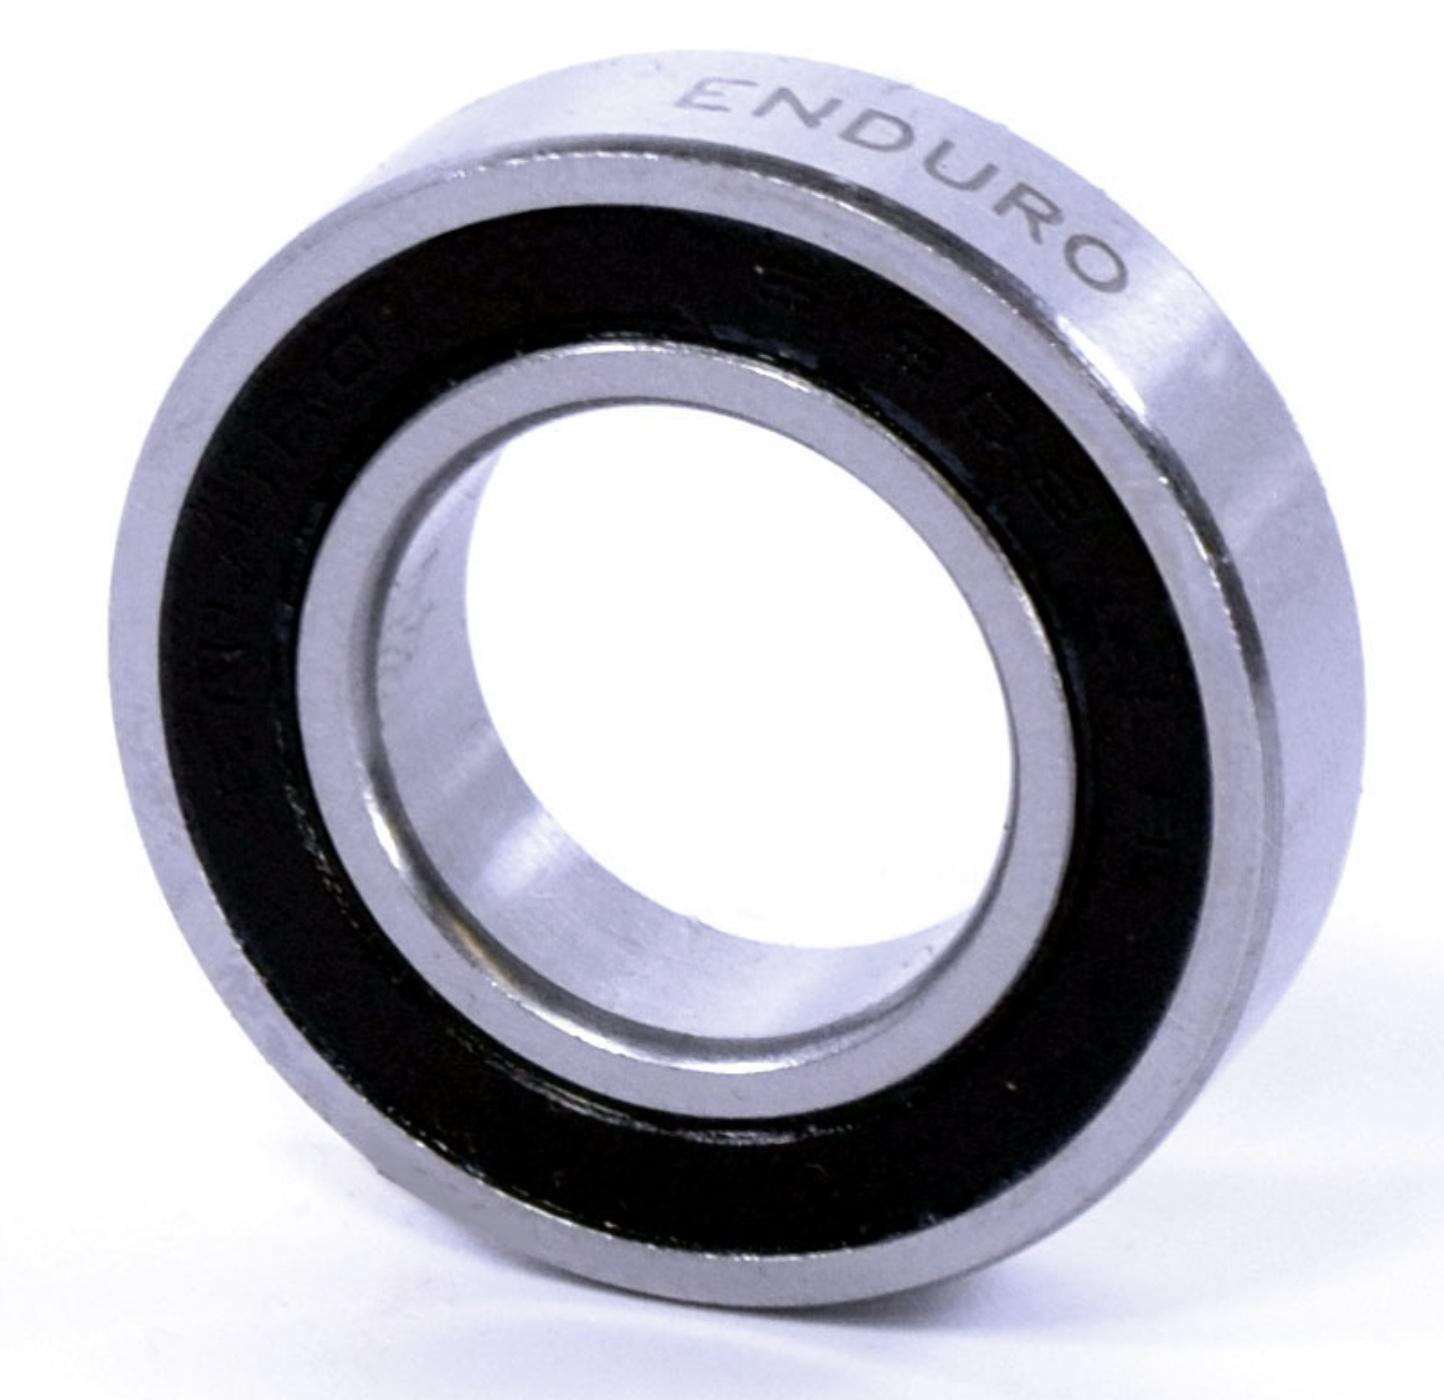 Kugleleje Enduro 6803-2RS ABEC5 LLB Ceramic (26x17x5 mm) - EB8139 | Lejer